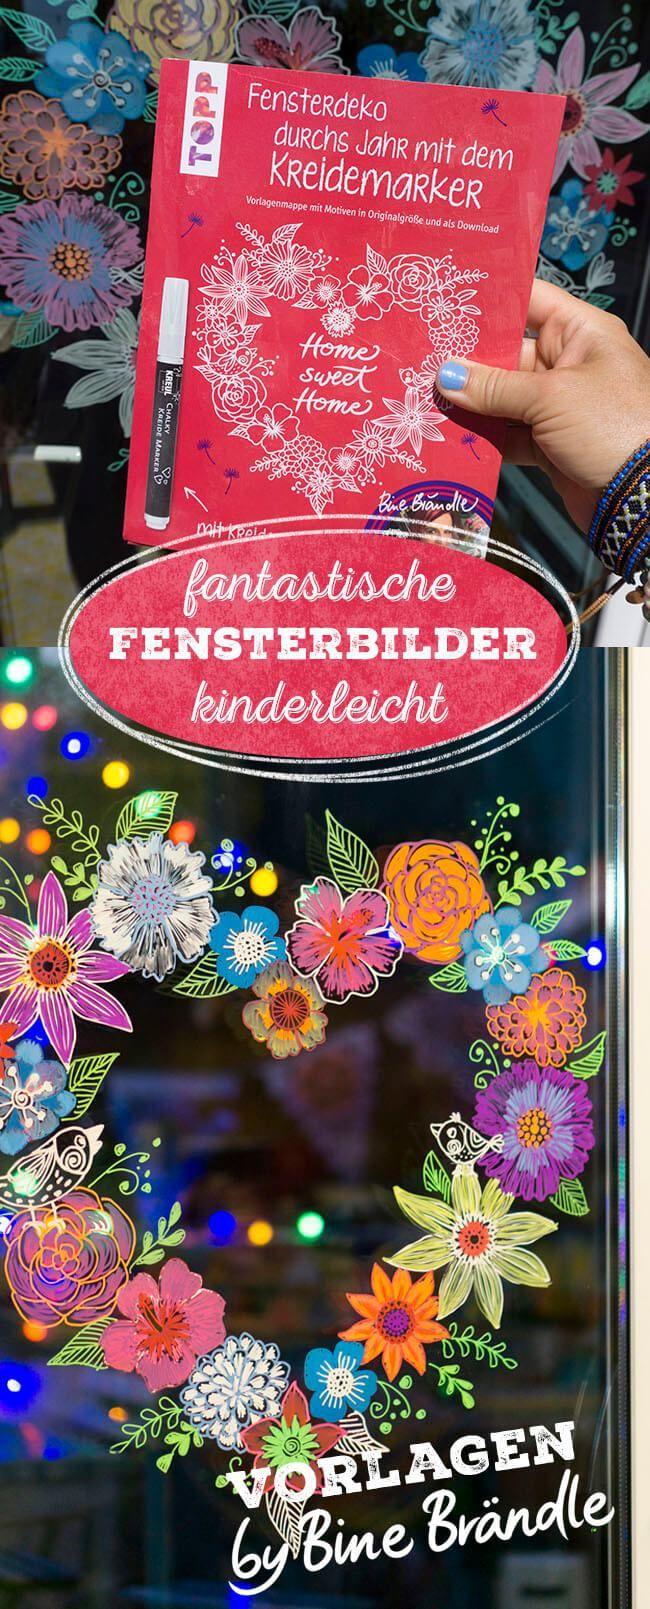 Vorlagenmappe Durchs Jahr Bine Brandle Weihnachten Vorlagen Fensterbilder Fensterbilder Weihnachten